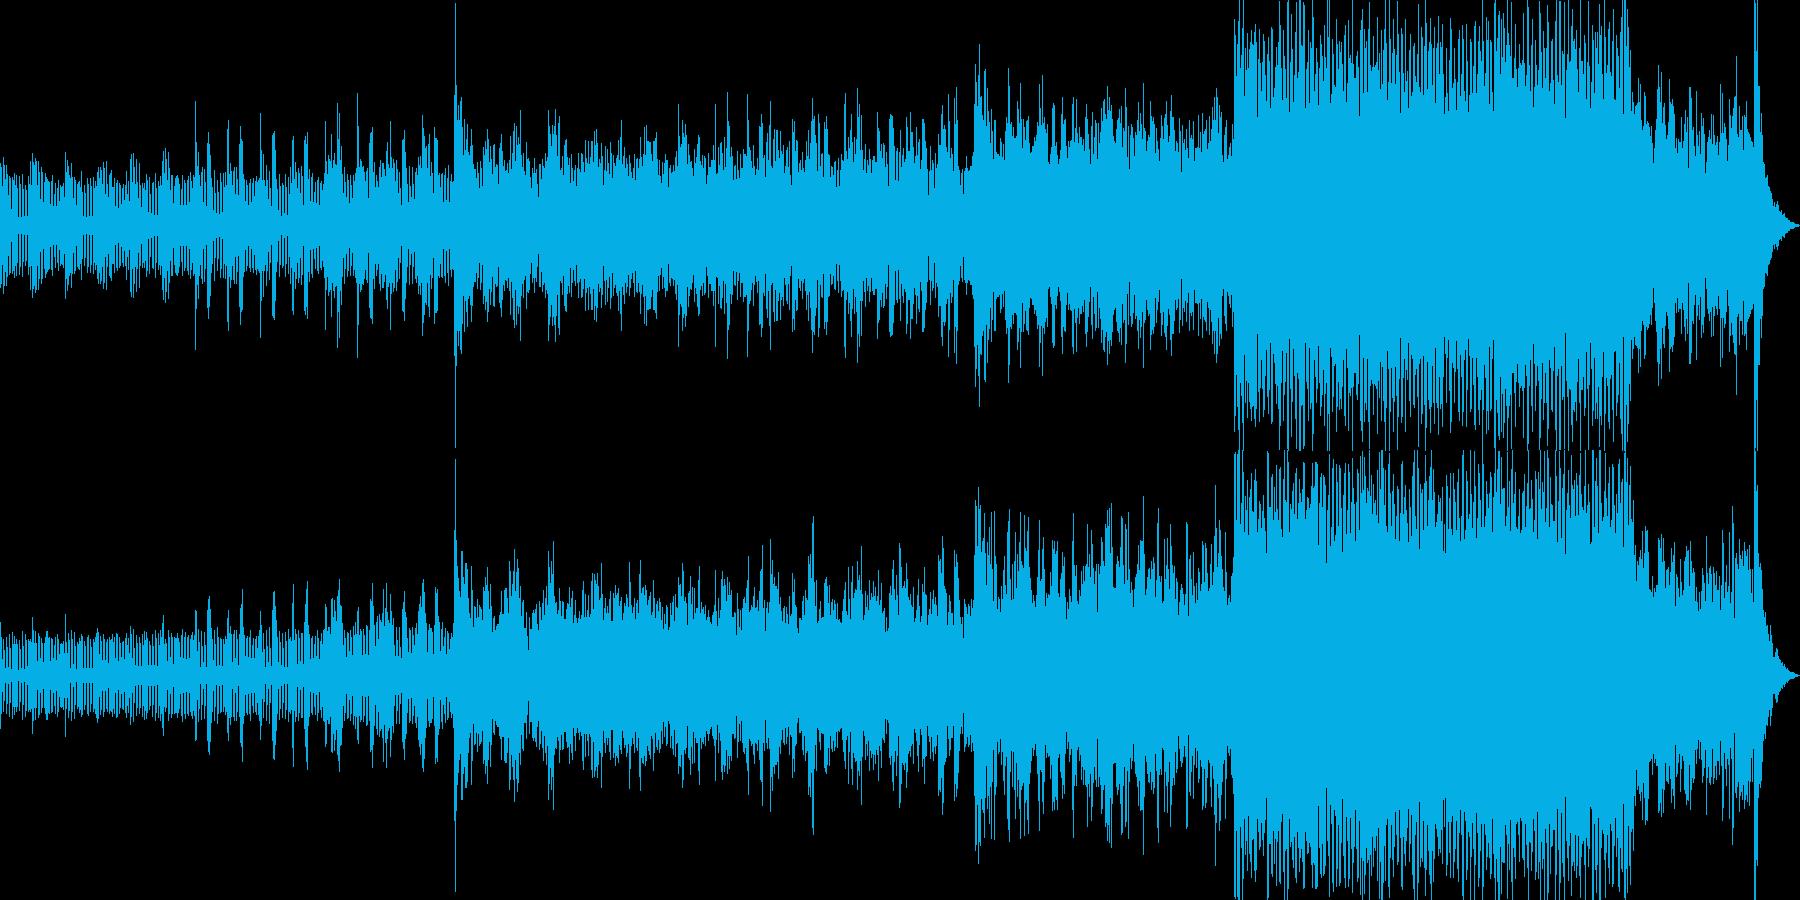 映画のオープニングの様なBGMの再生済みの波形